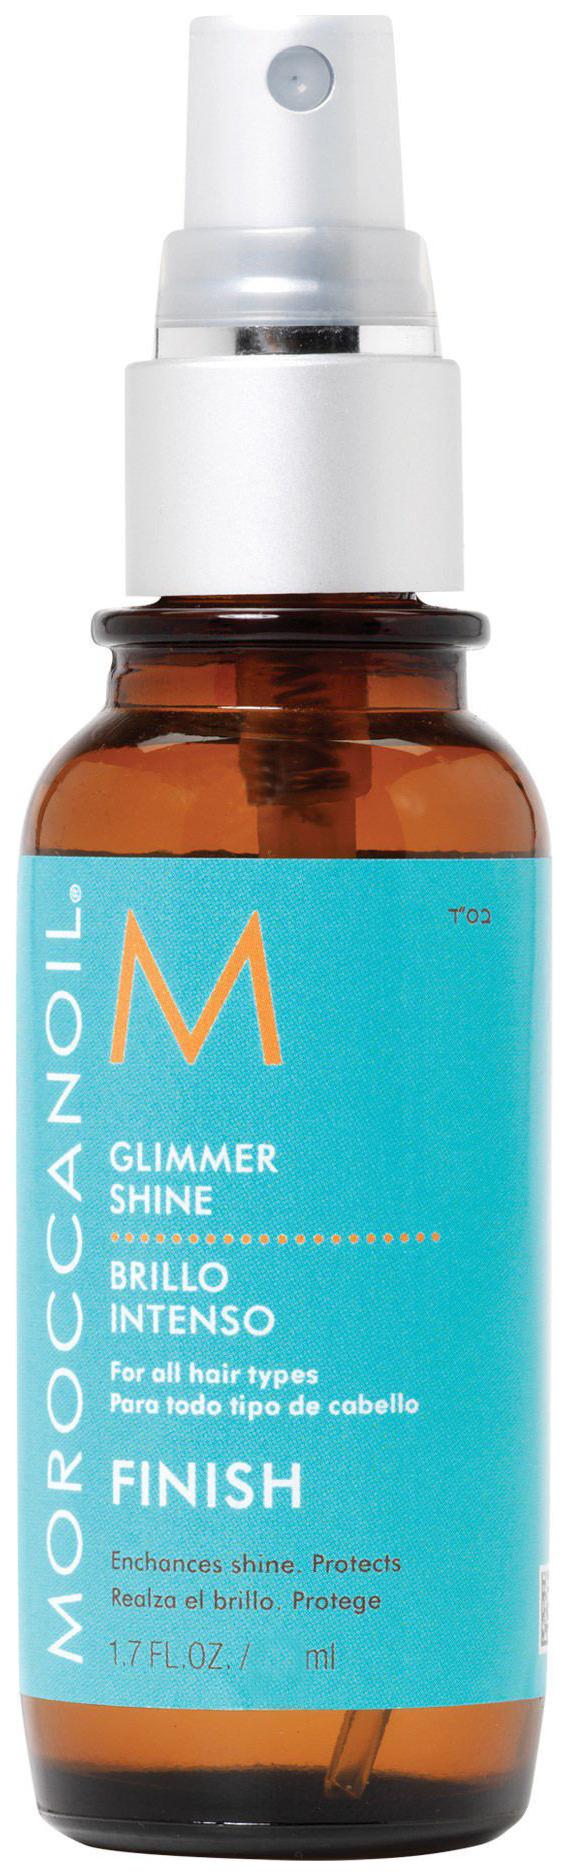 Блеск для волос MoroccanOil Glimmer Shine Spray